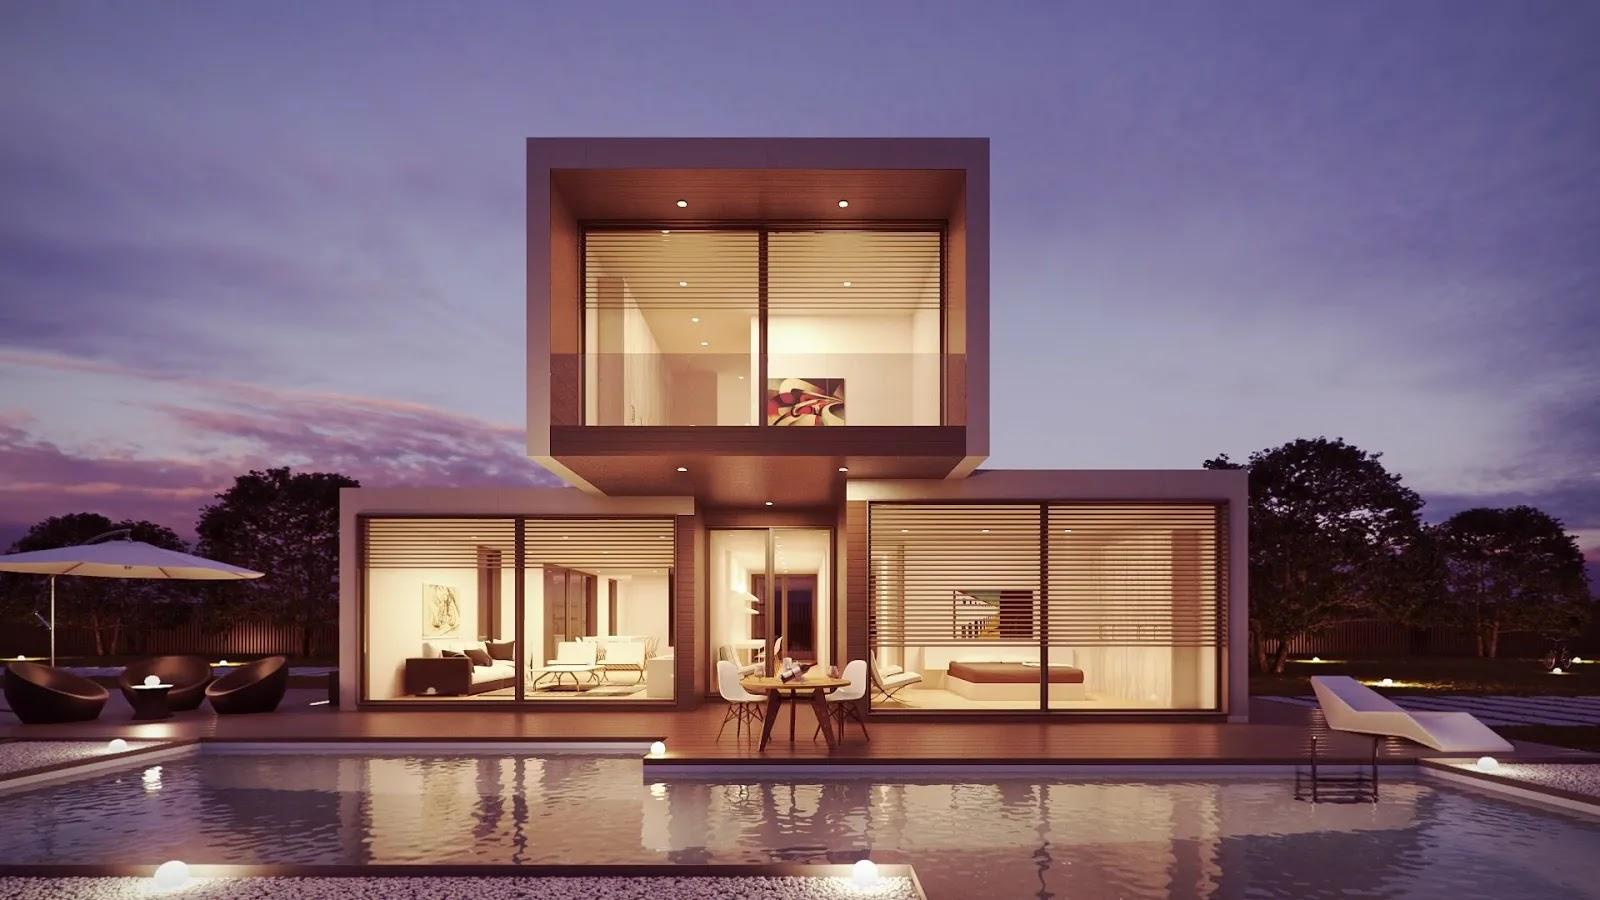 أجمل بيت فالعالم تصميم معماري مميز خلفيات